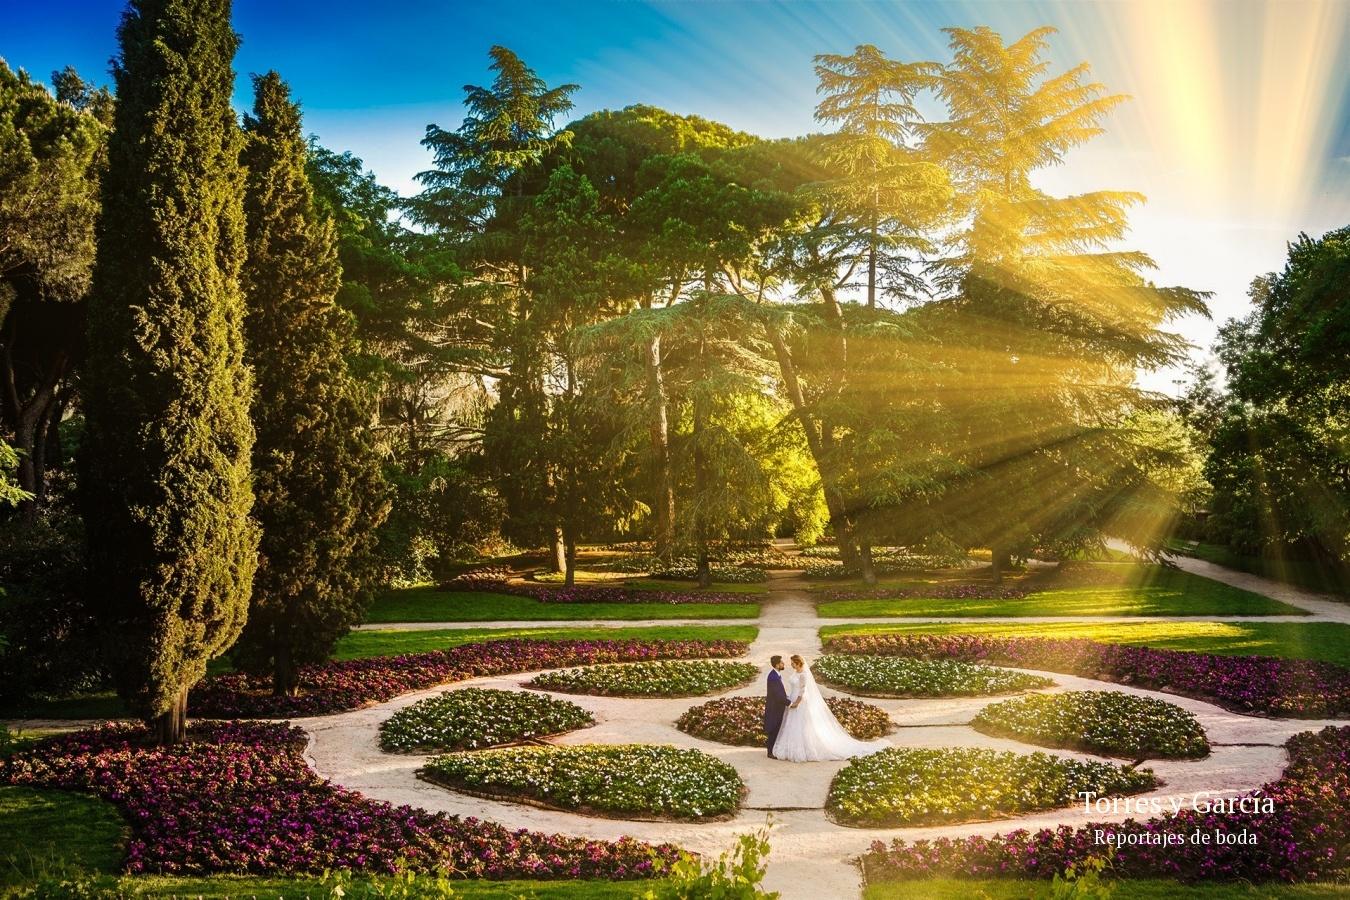 foto en el parque del capricho de Madrid - Fotografías - Libros y reportajes de boda diferentes.